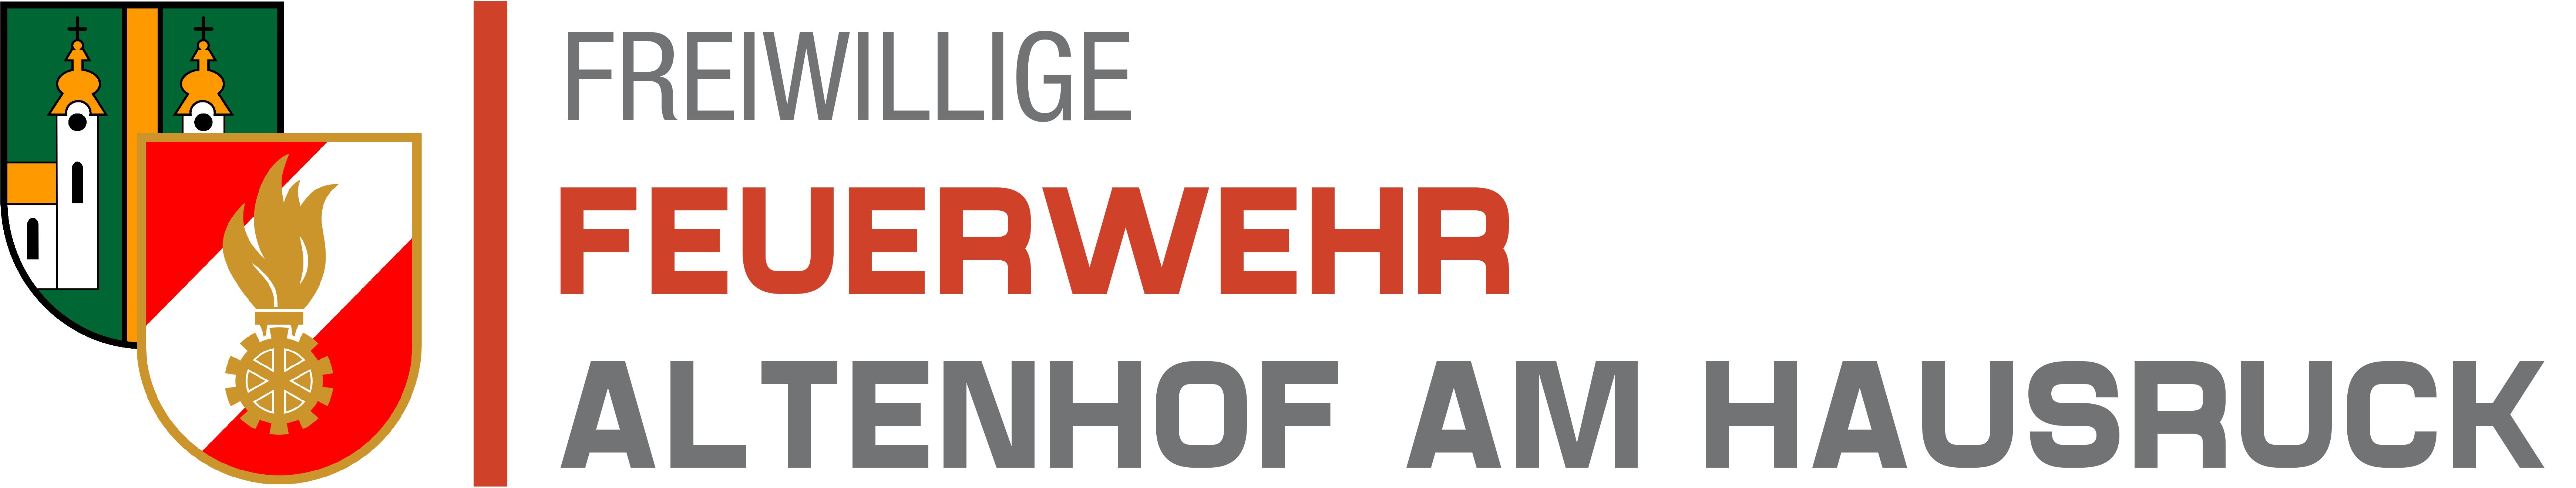 Freiwillige Feuerwehr Altenhof am Hausruck